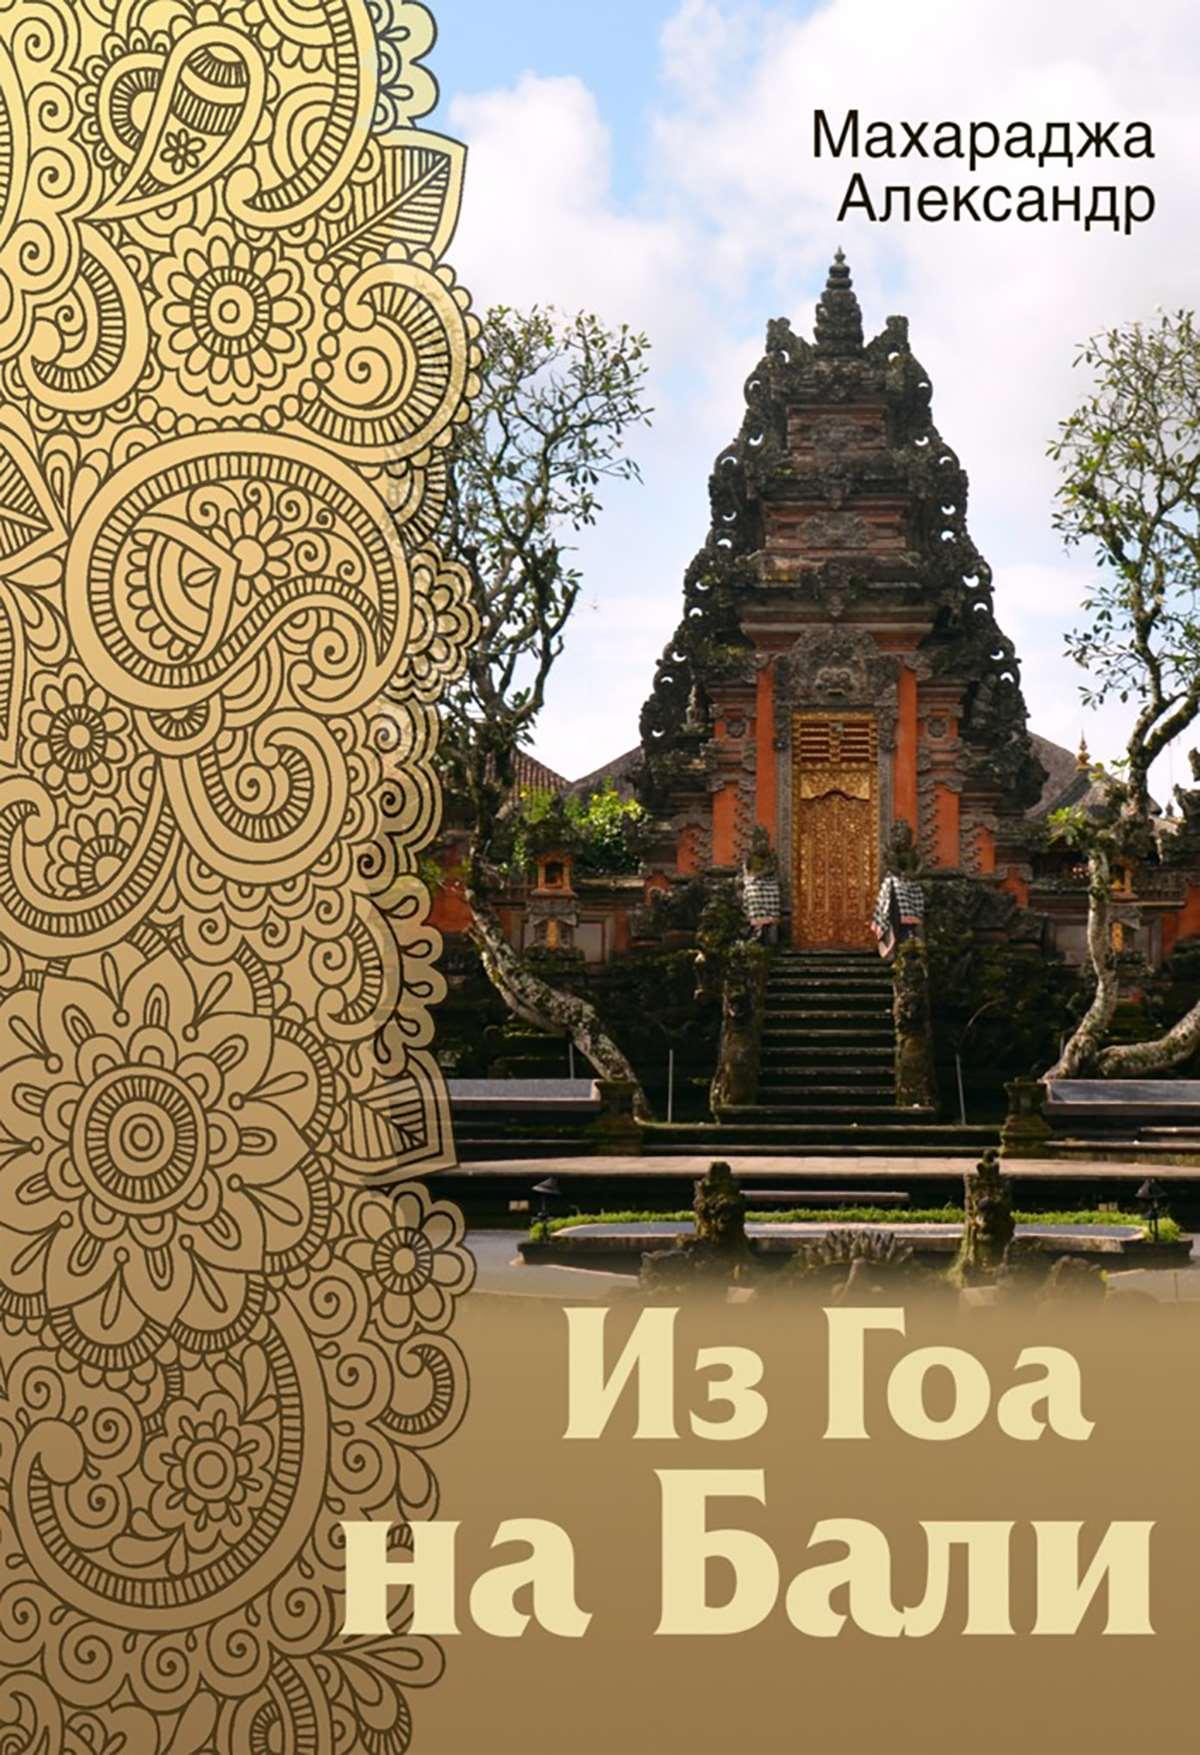 Александр Махараджа Из Гоа на Бали туры на бали